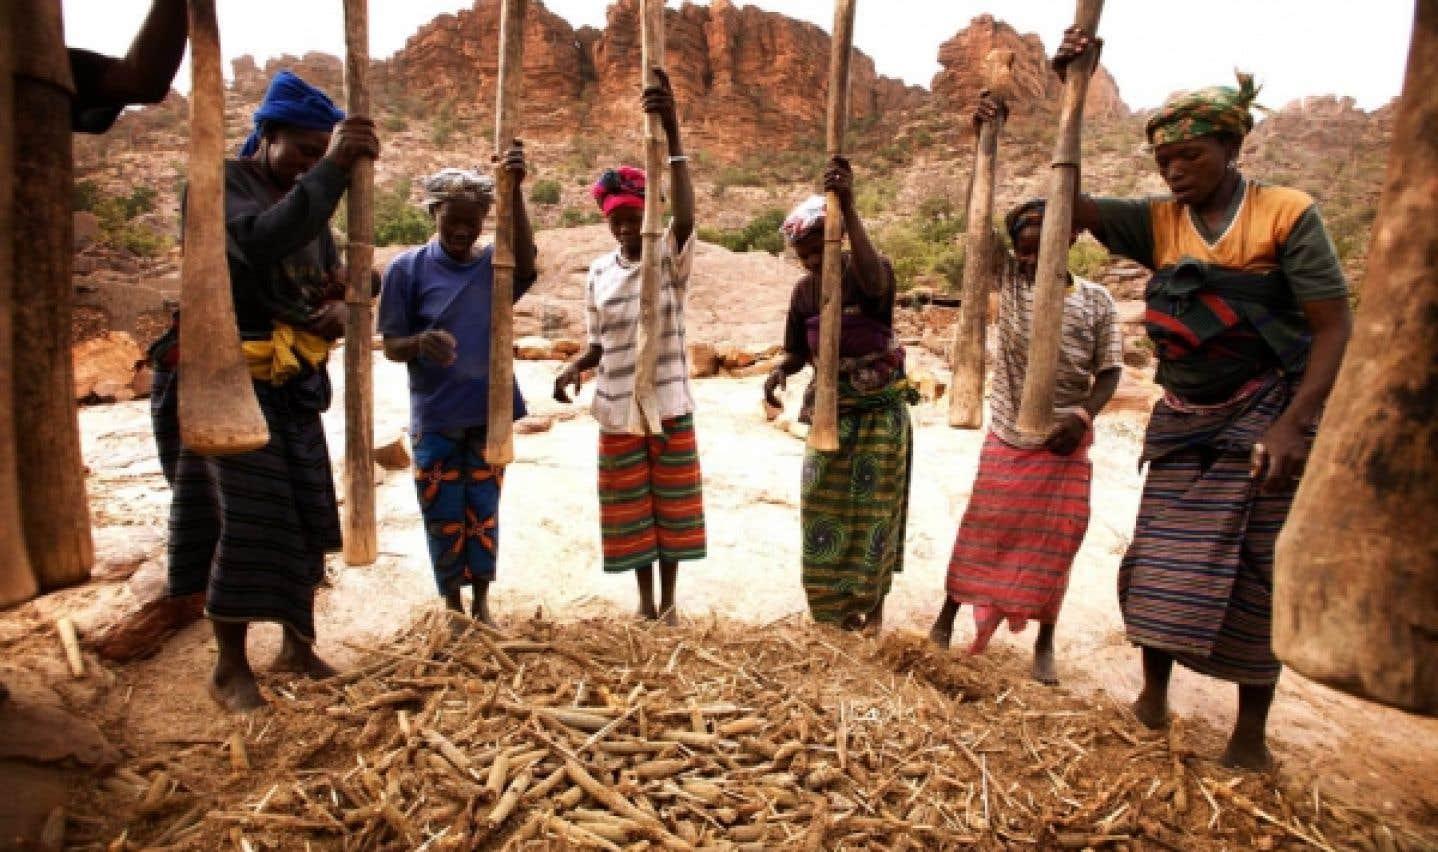 Plusieurs expériences et initiatives sur les moyens d'améliorer la condition économique des femmes ayant cours dans divers pays, dont le Mali, seront présentées dans le cadre du Forum.